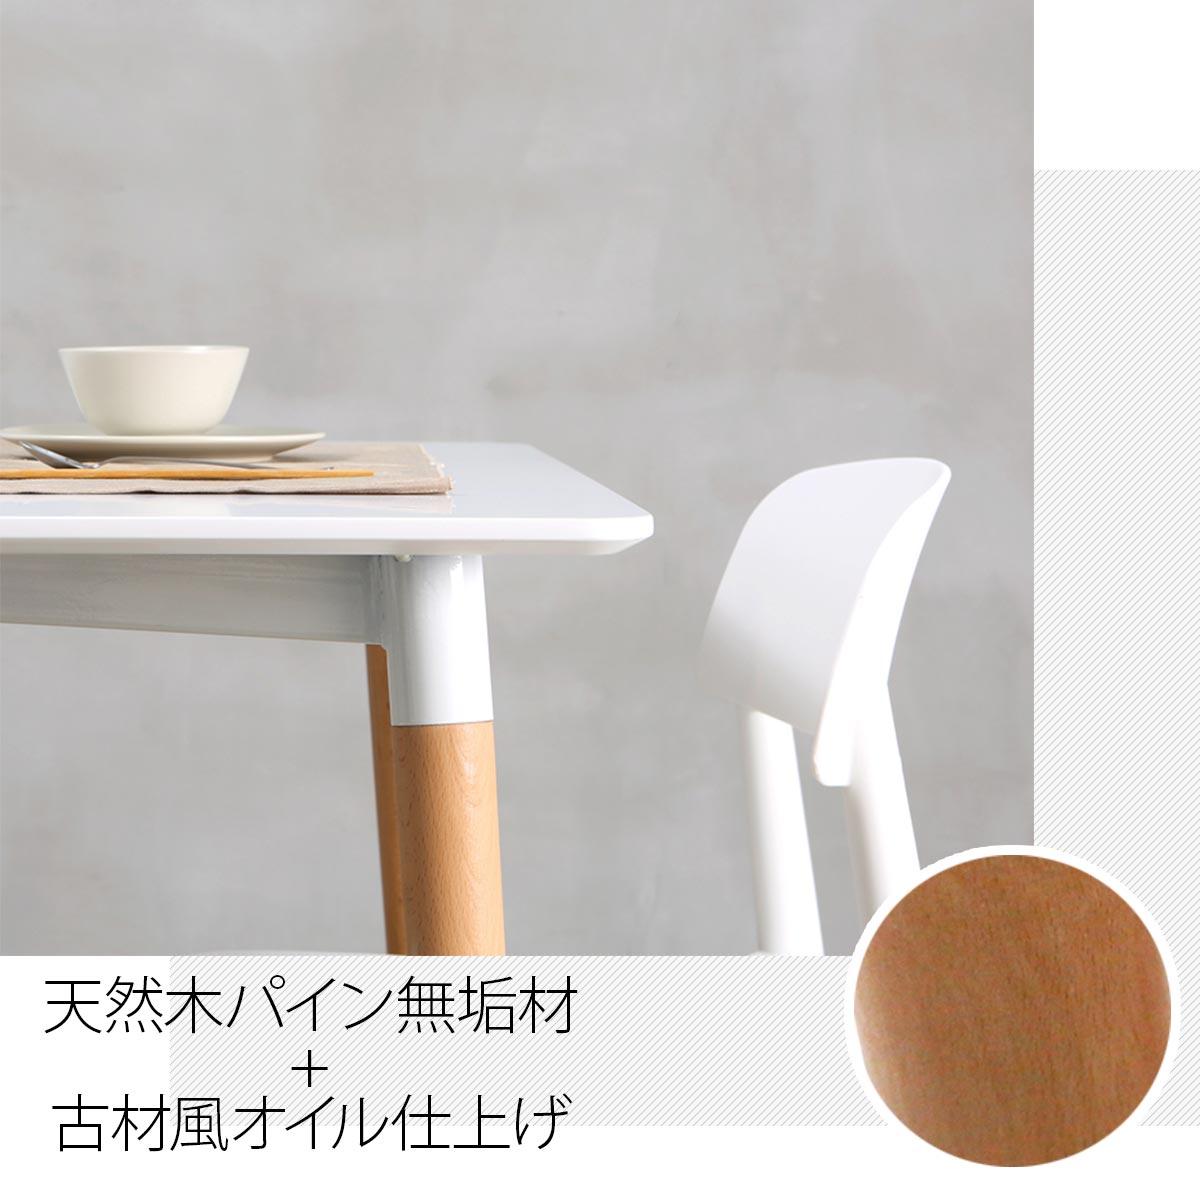 イームズテーブル『ヴェンター 円形』